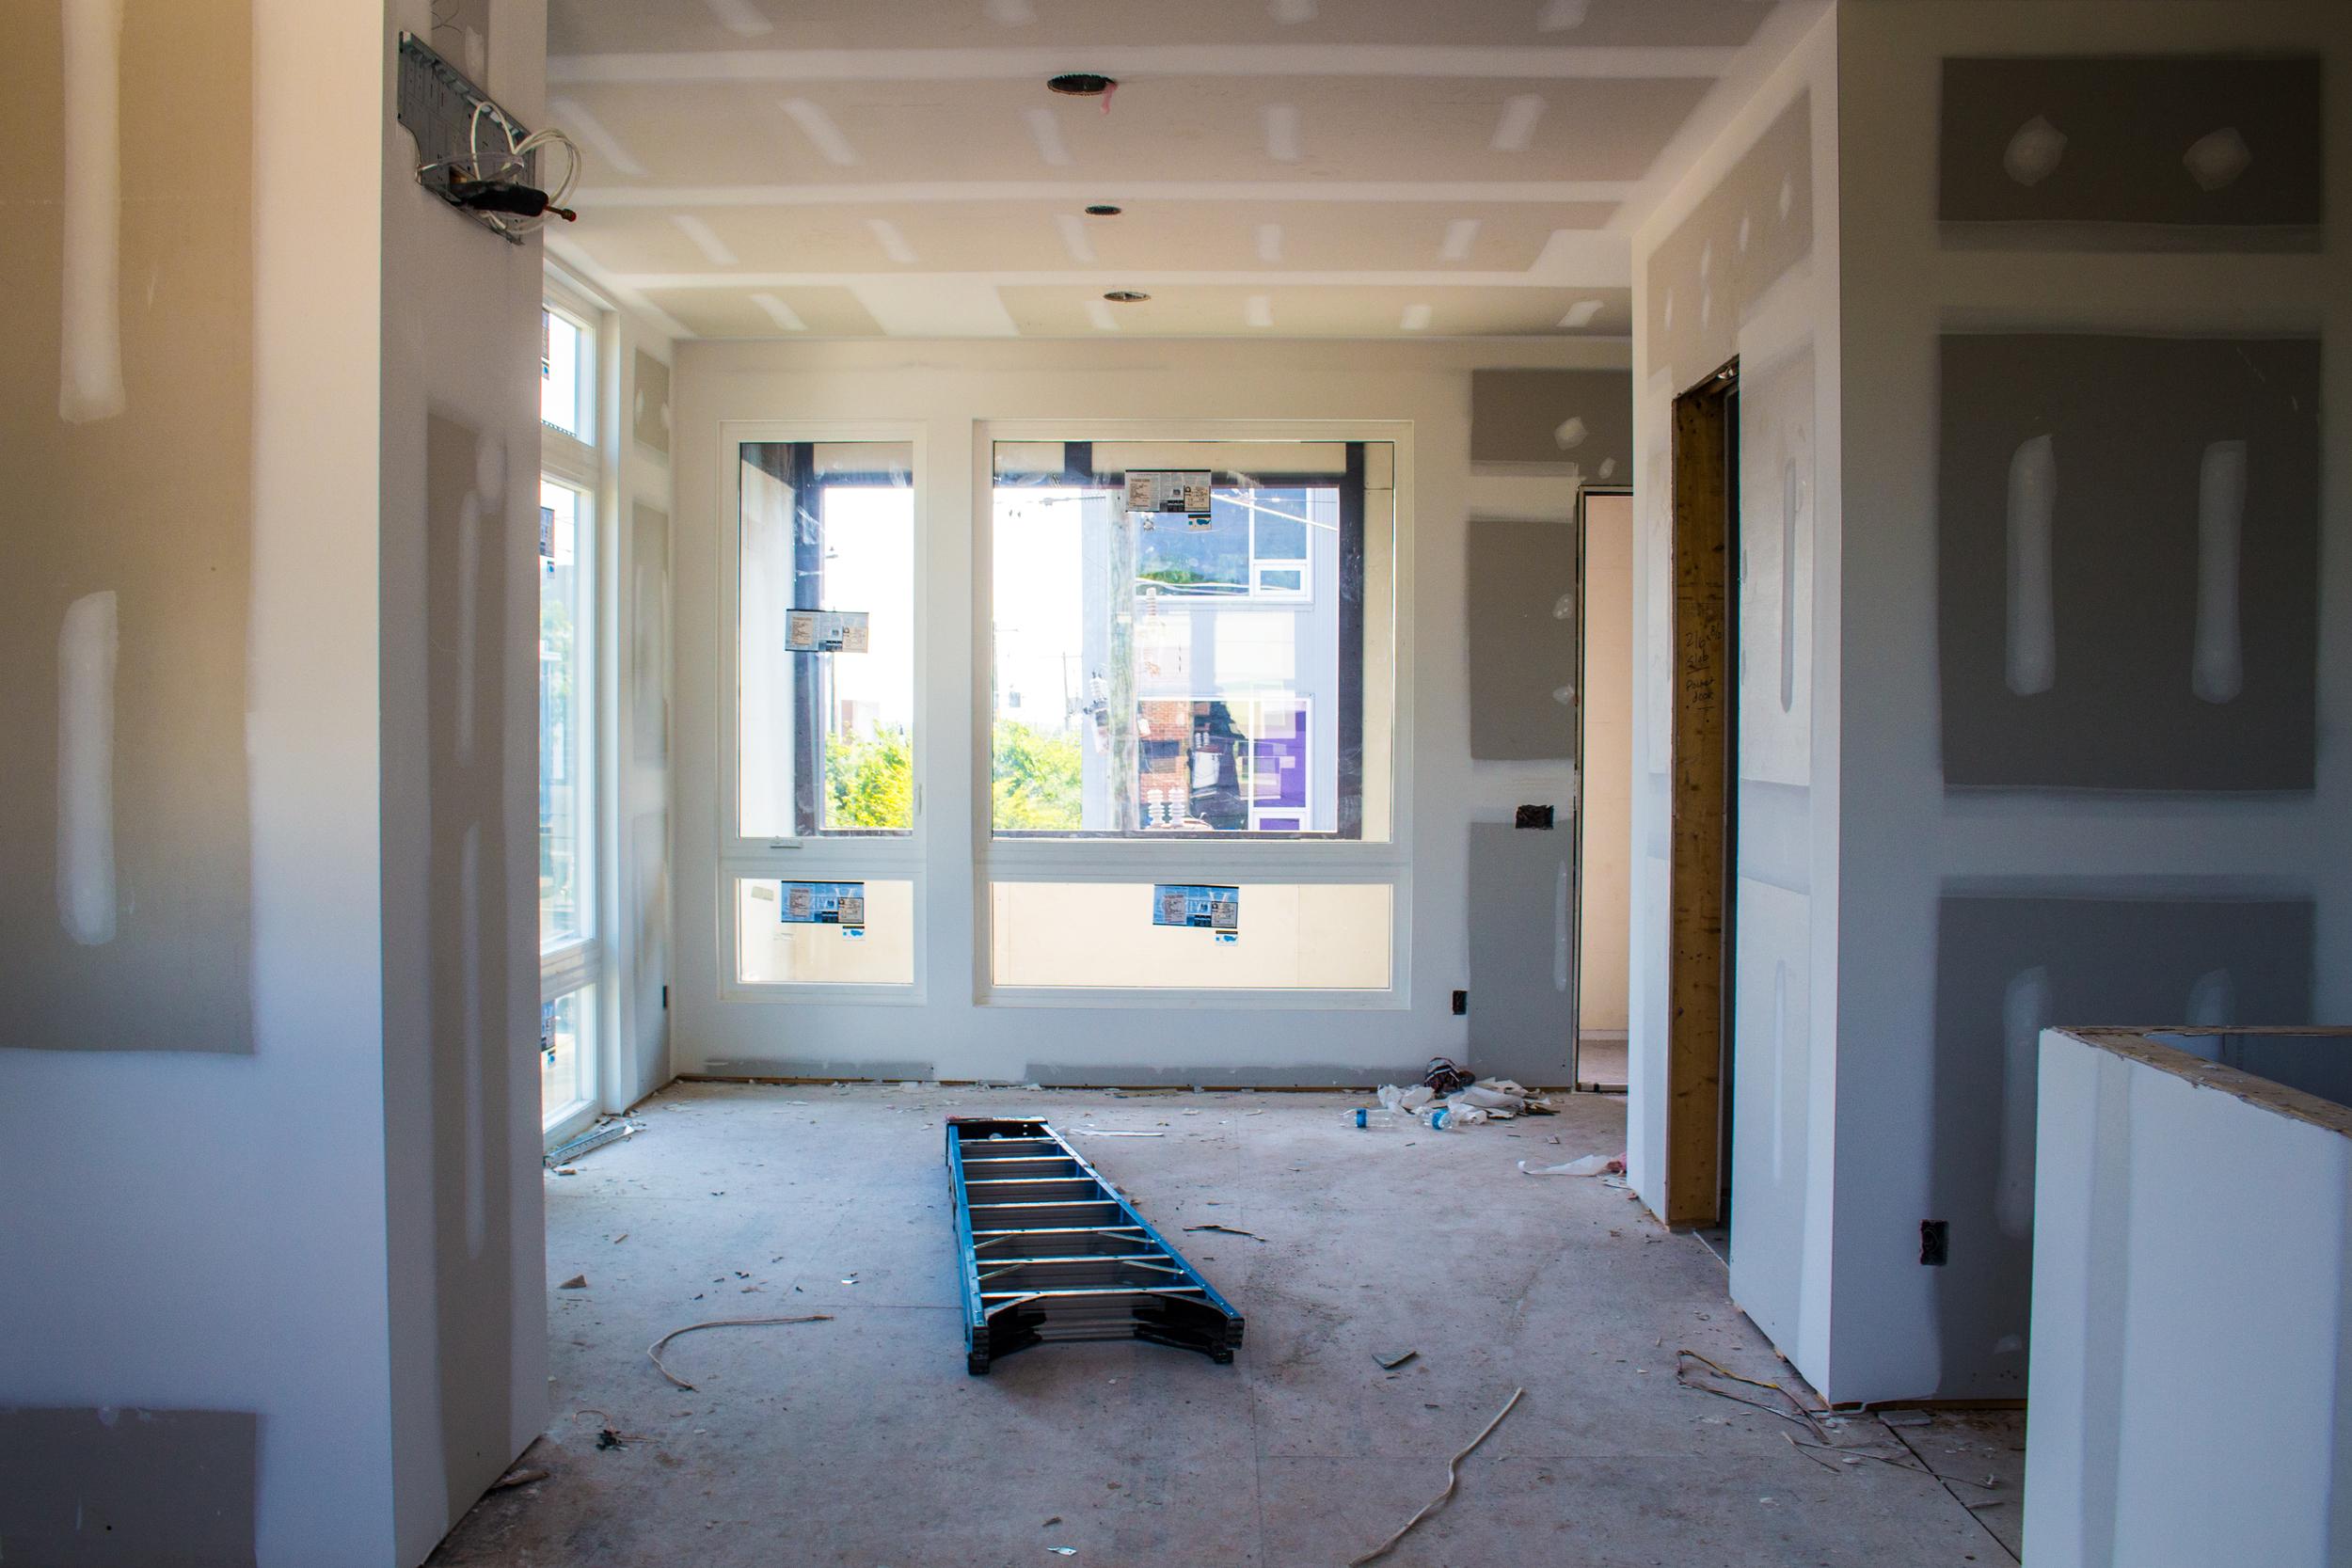 Rogue Interior progress